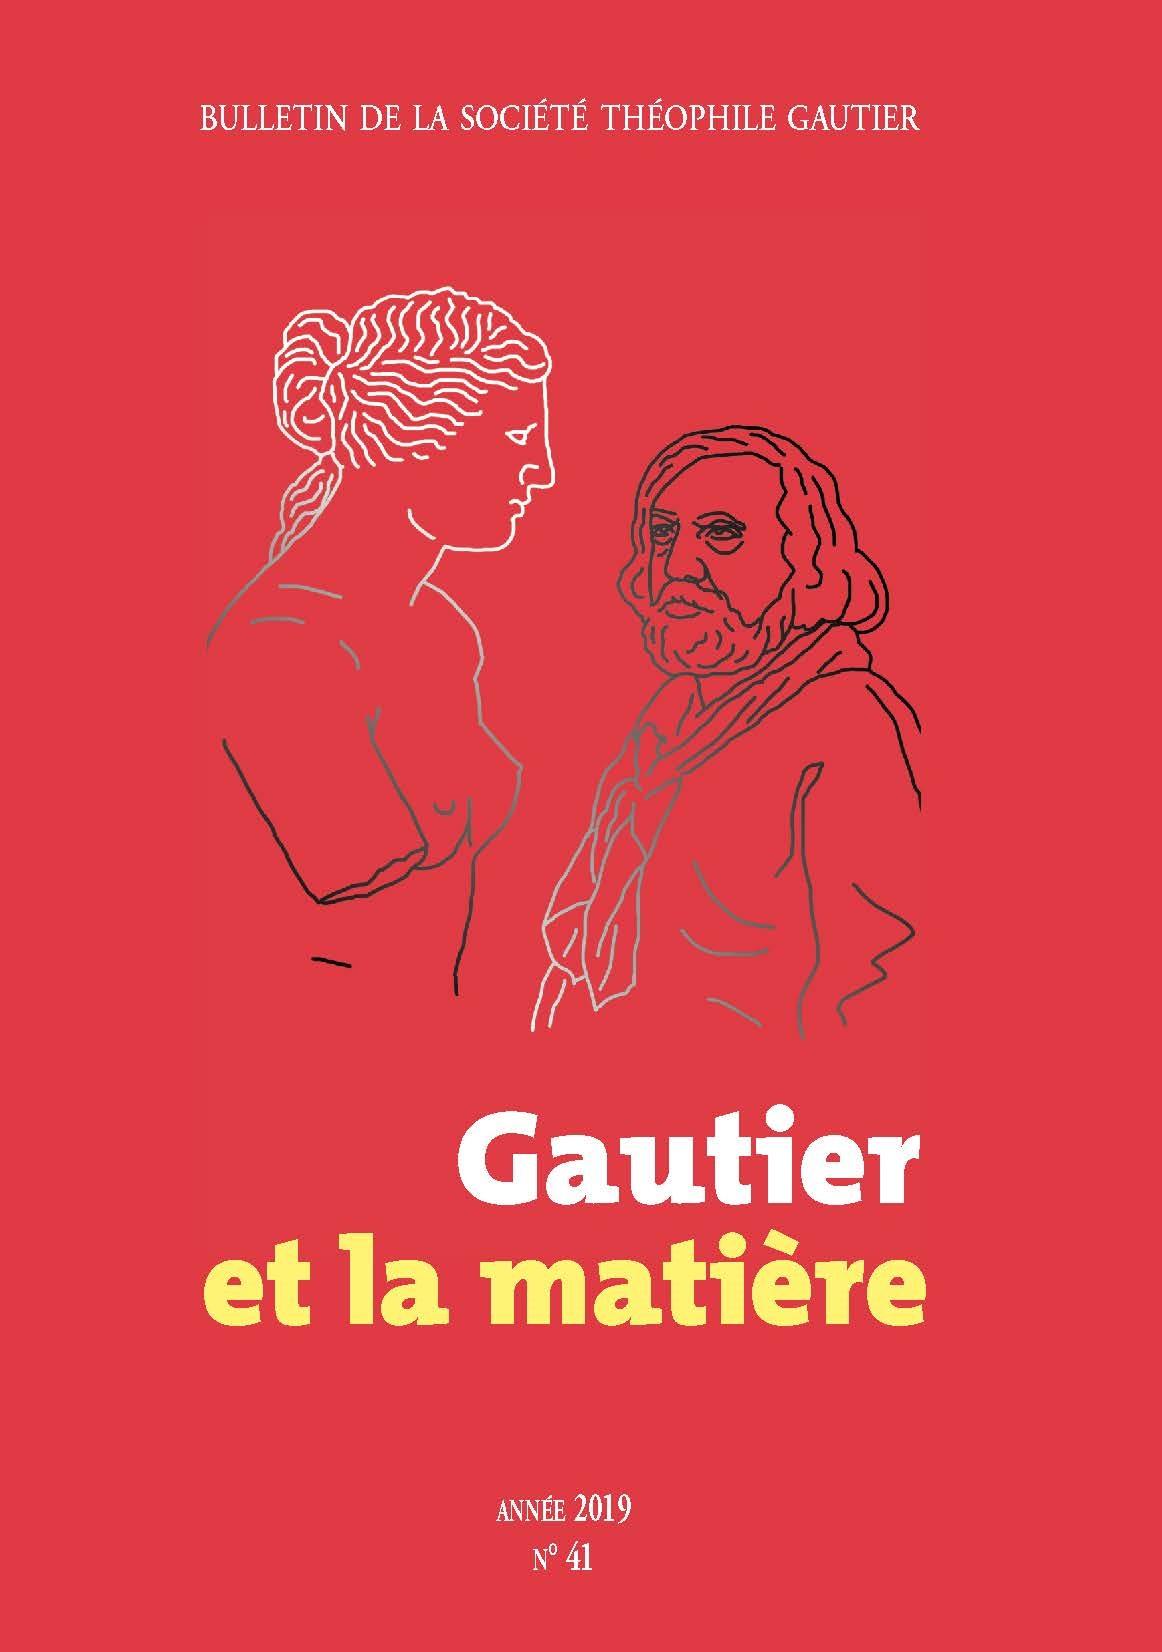 Bulletin de la Société Théophile Gautier, n° 41 :